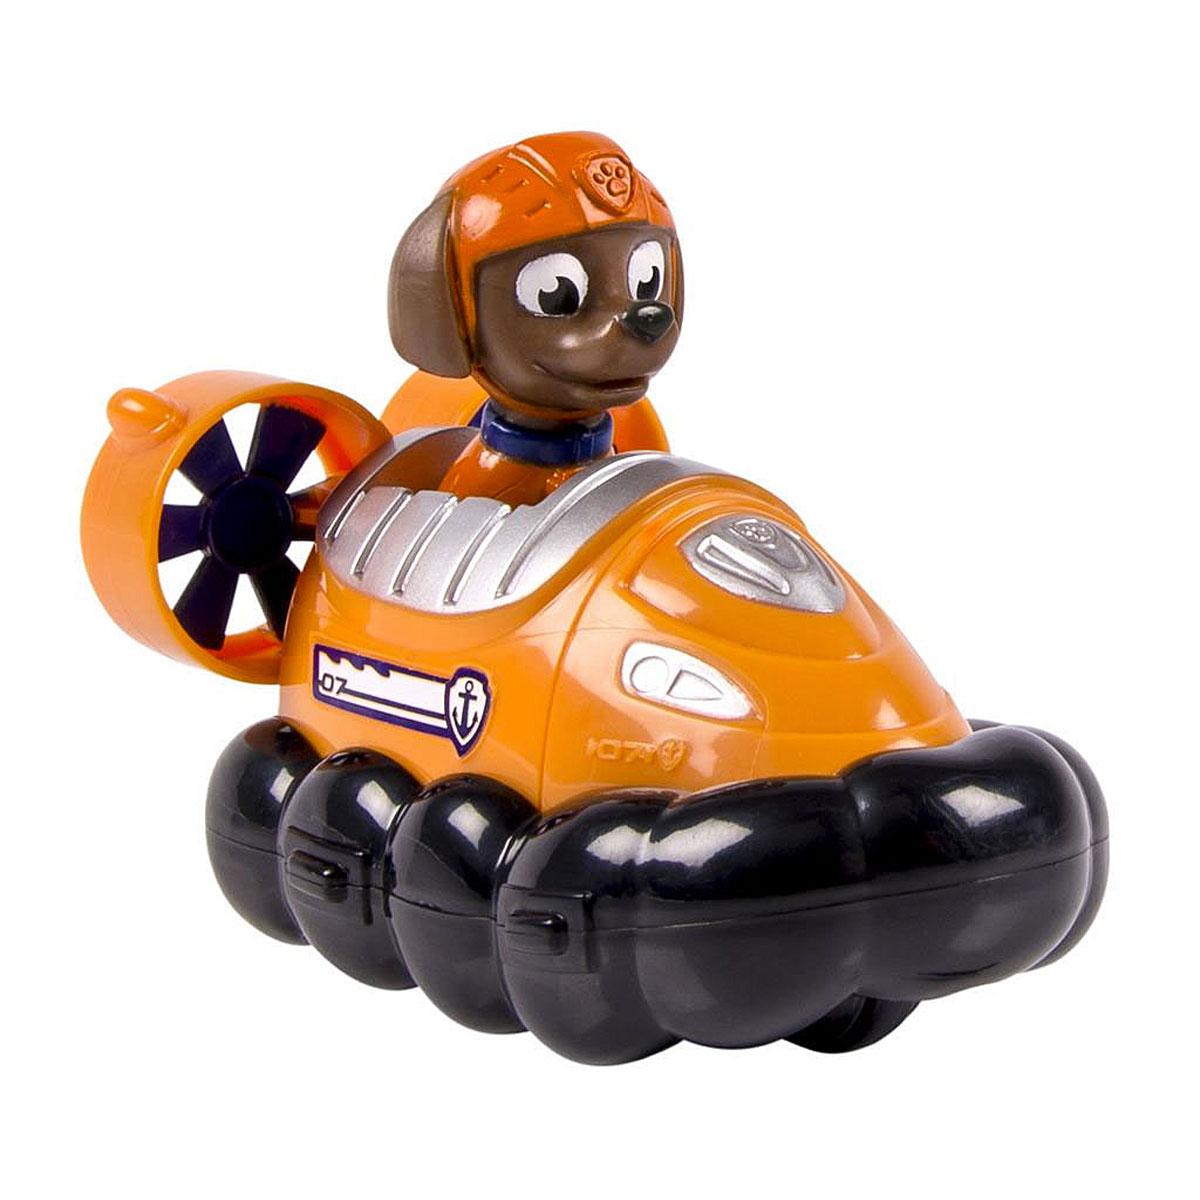 Paw Patrol Машинка спасателя Hovercraft Zuma16605 Hovercraft ZumaМашинка спасателя Hovercraft Zuma станет отличным подарком для маленьких поклонников мультсериала Щенячий патруль. Игрушка выполнена в виде катера на воздушной подушке, которым управляет щенок Зума. Игрушка выполнена из прочного высококачественного пластика. Катер дополнен колесиками, которые свободно вращаются, фигурка несъемная. Ваш малыш сможет часами играть с этой очаровательной игрушкой, разыгрывая сценки из мультфильма, или придумывая собственные истории.